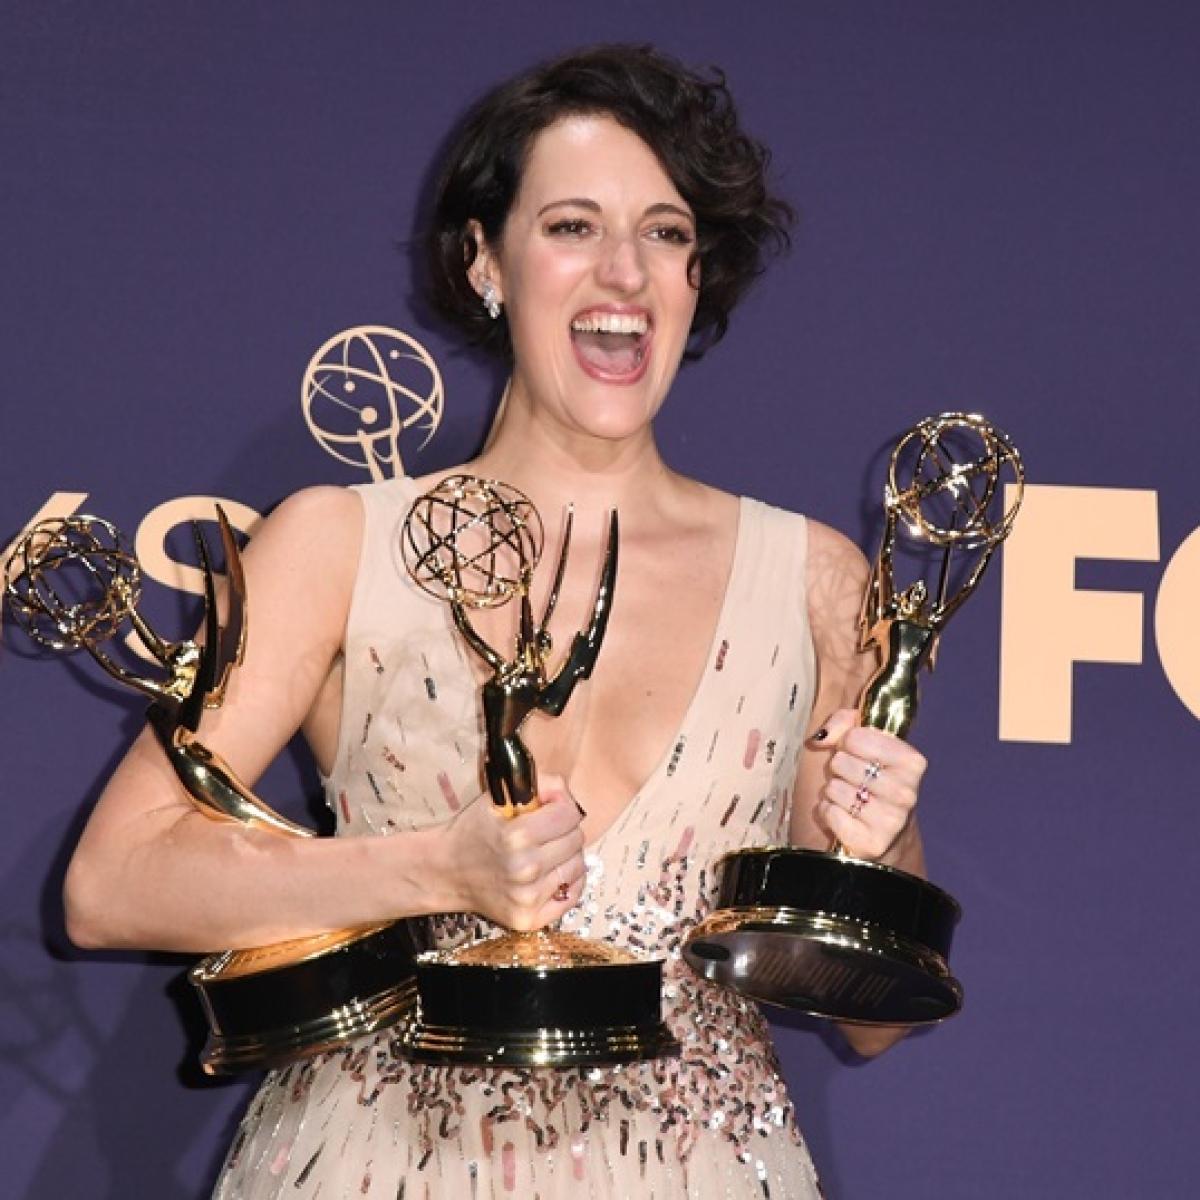 Emmys 2019: Phoebe Waller-Bridge named best actress for 'Fleabag'